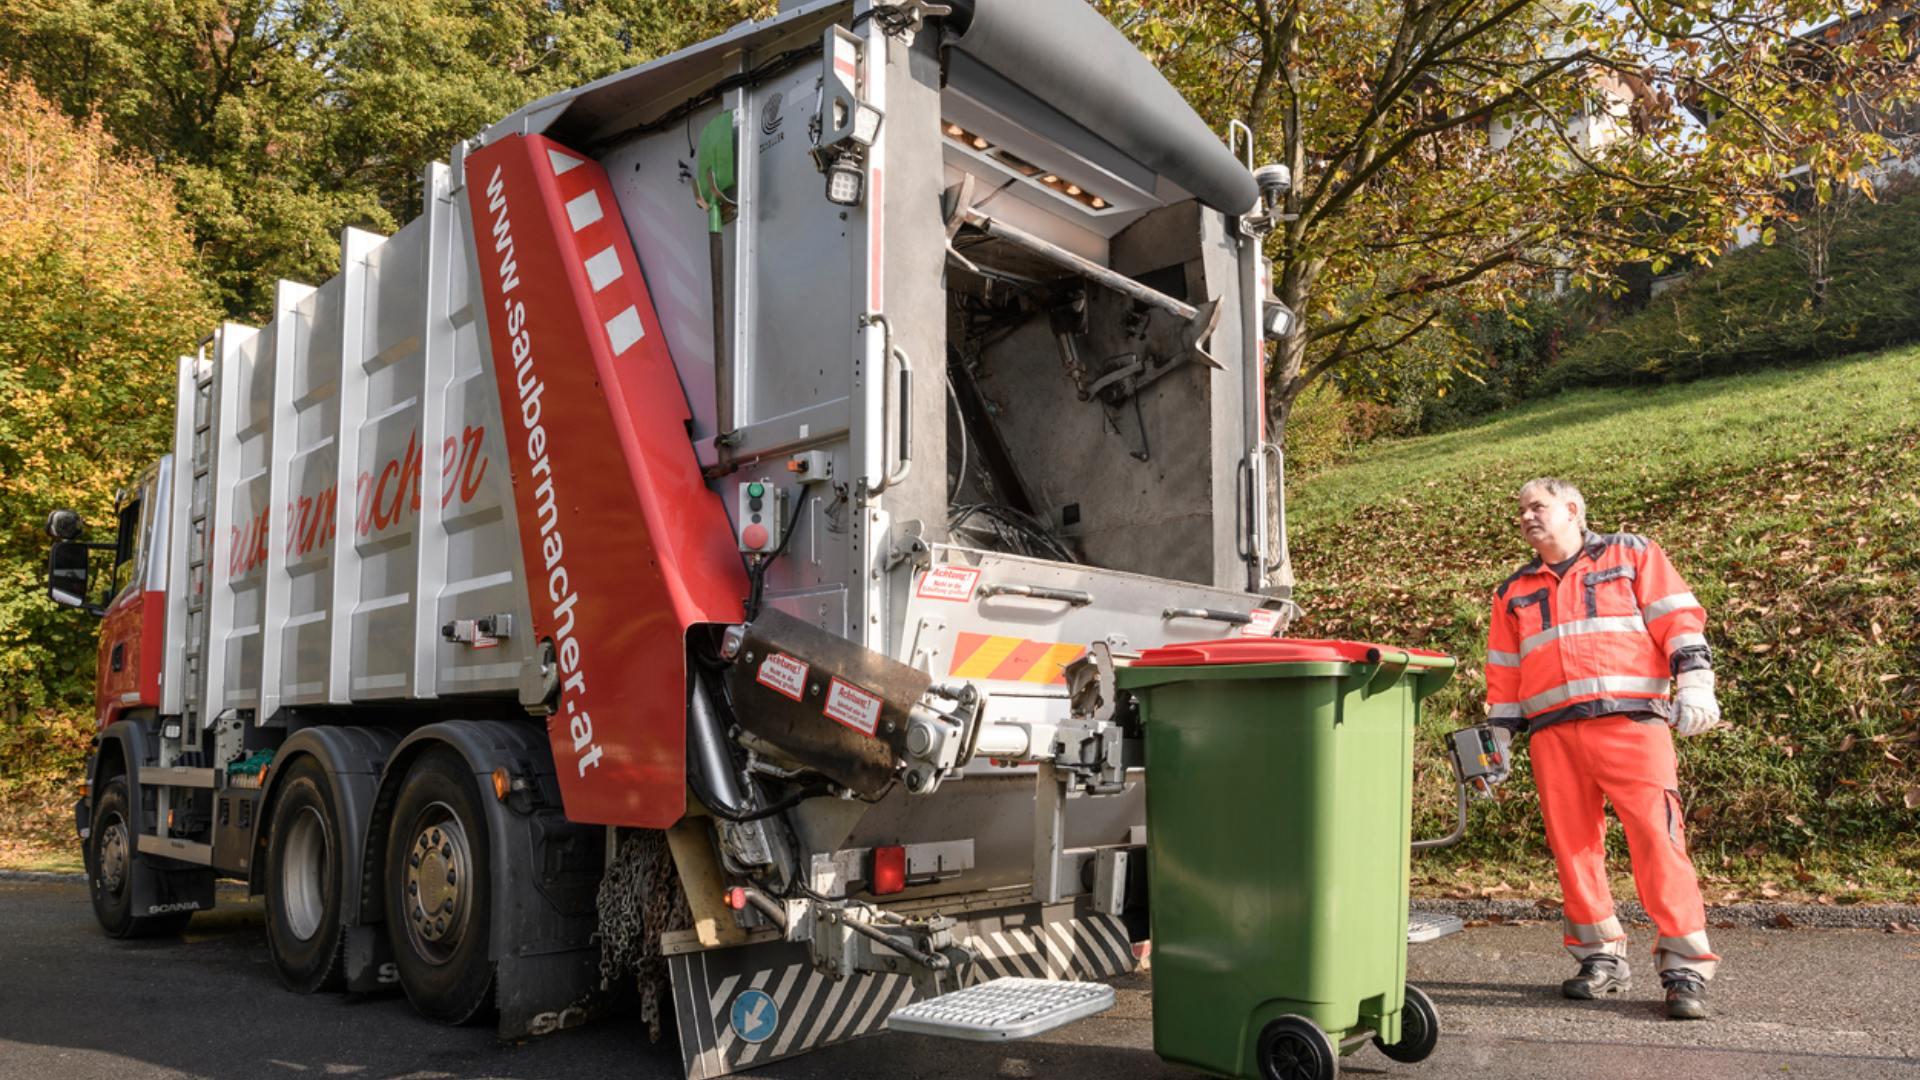 Digitale Wertstoffscanner am Abfallsammelfahrzeug erkennen mehr als 80% aller Fehlwürfe